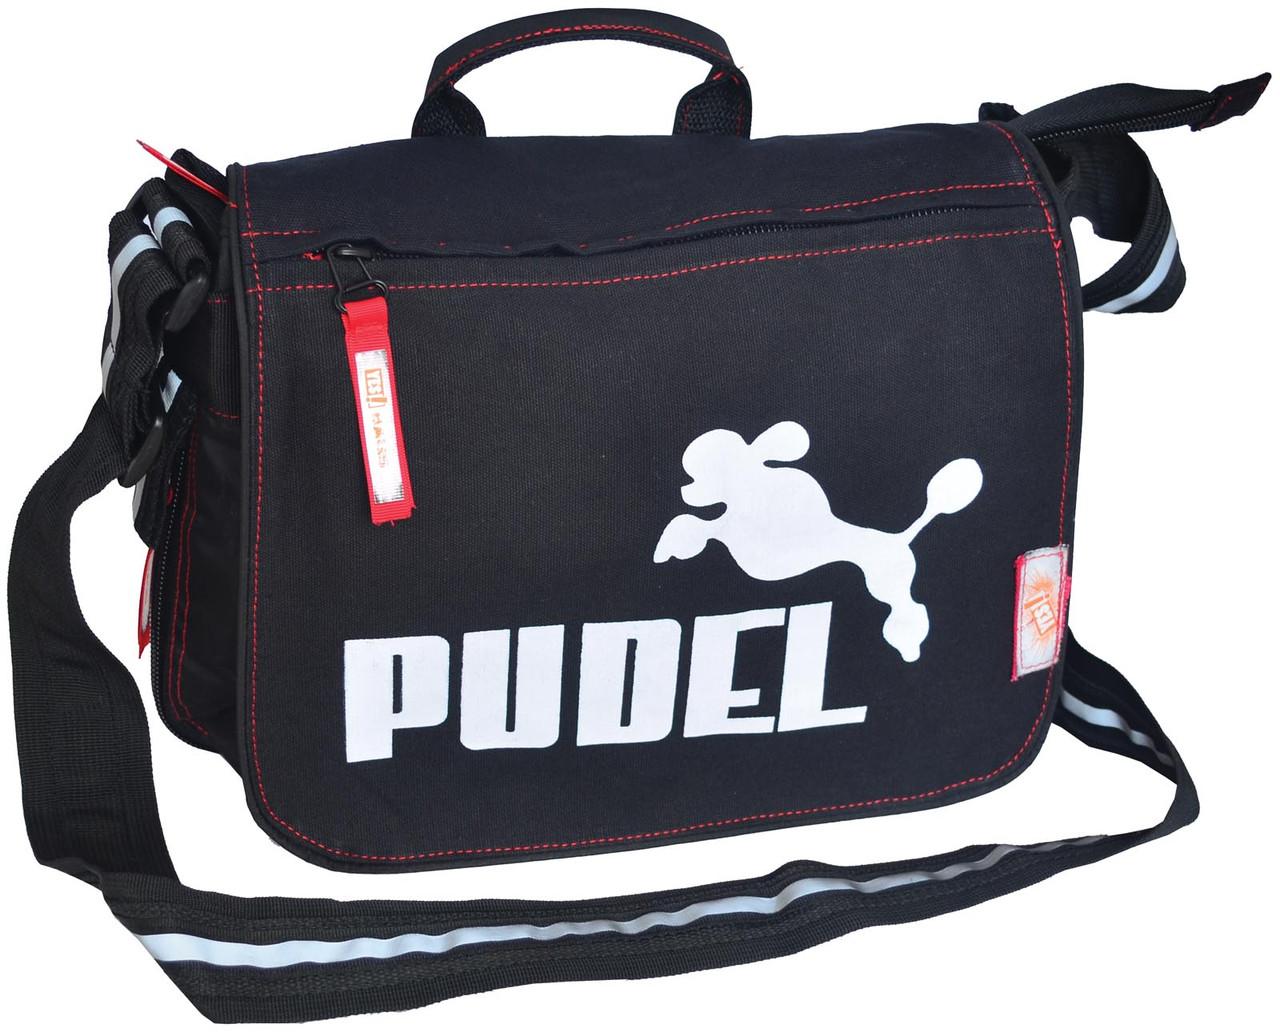 Молодежная сумка через плечо Pudel черная